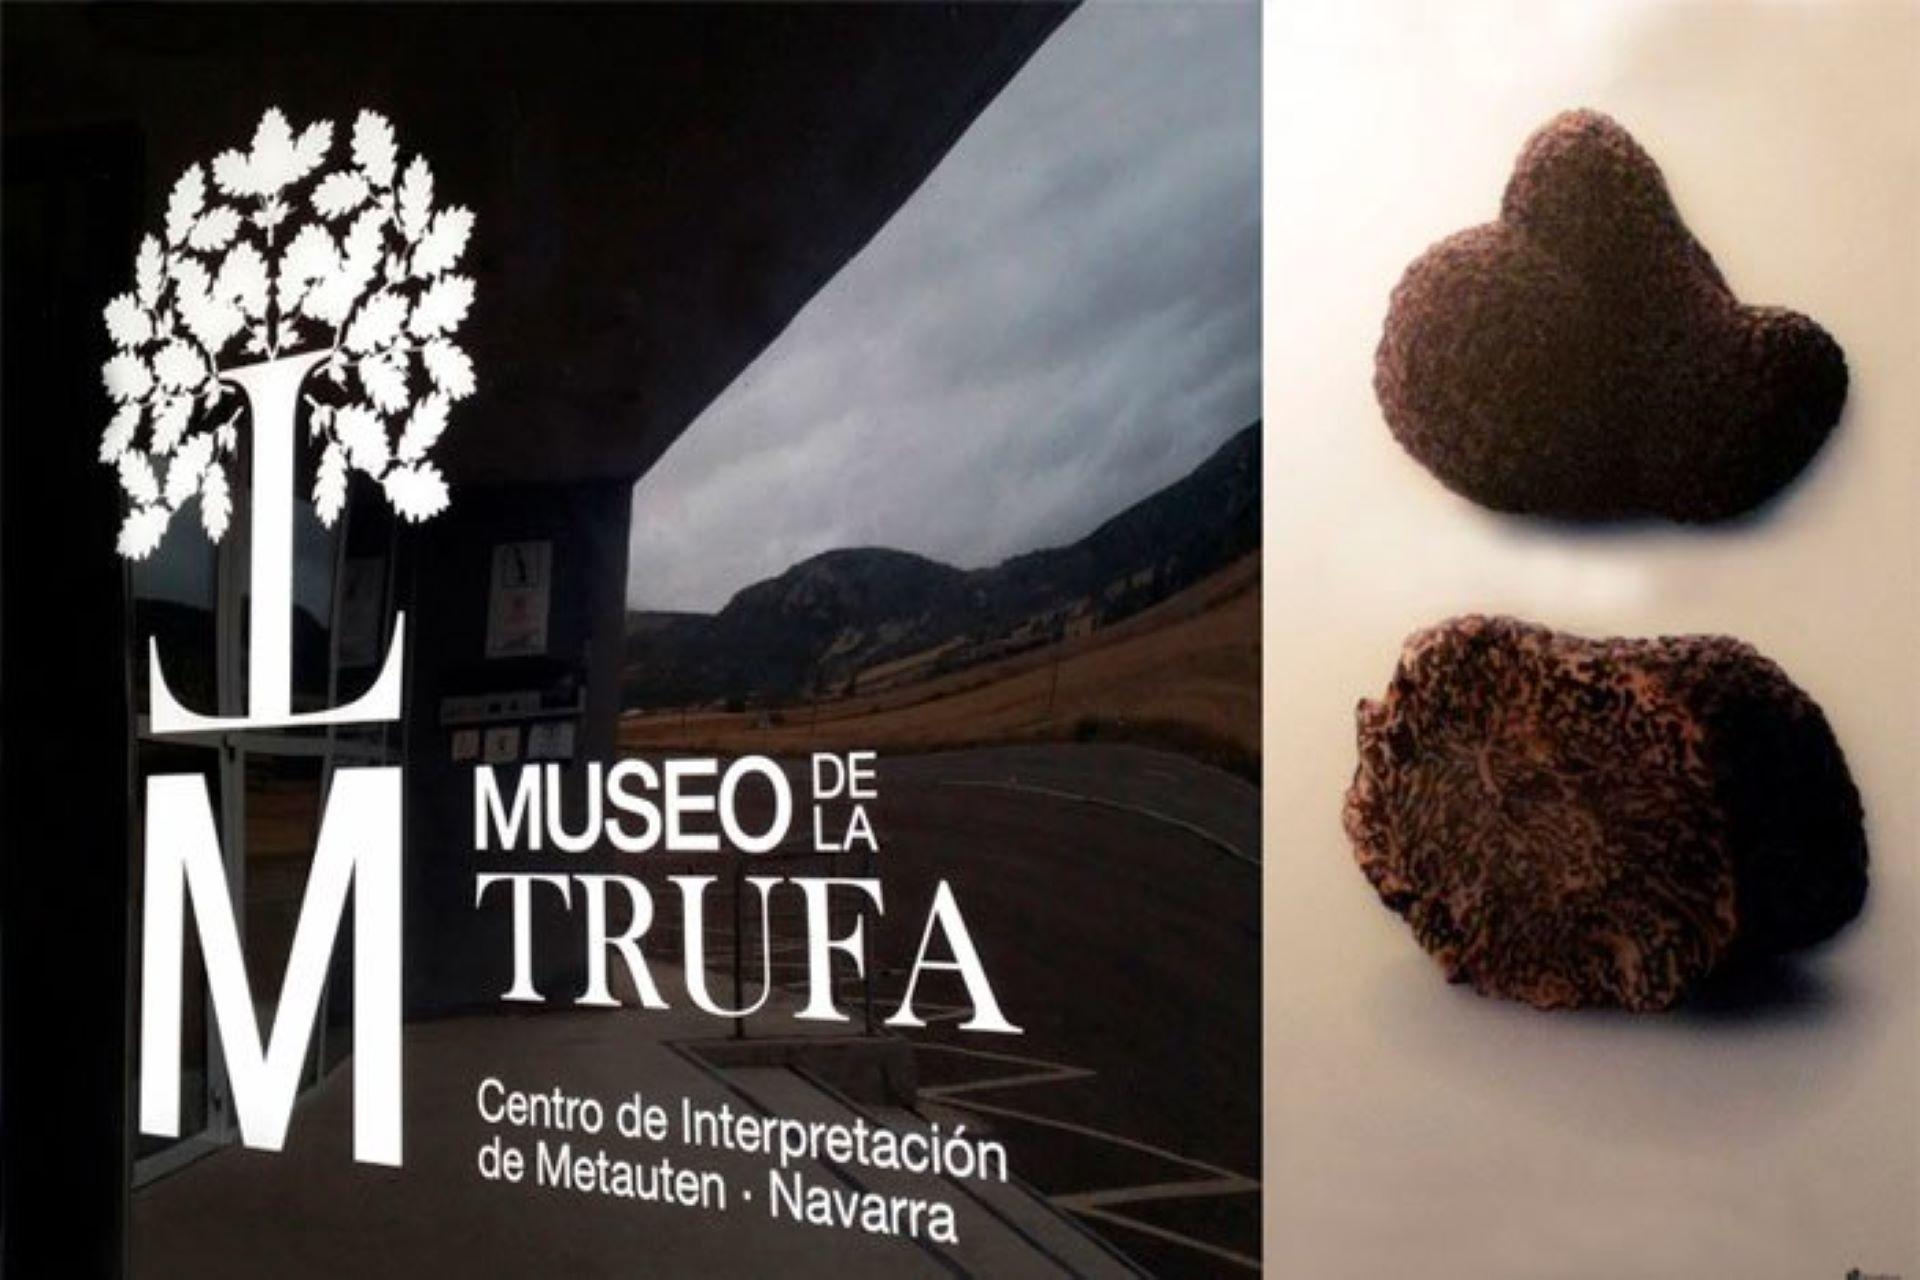 Museo de la Trufa de Metauten